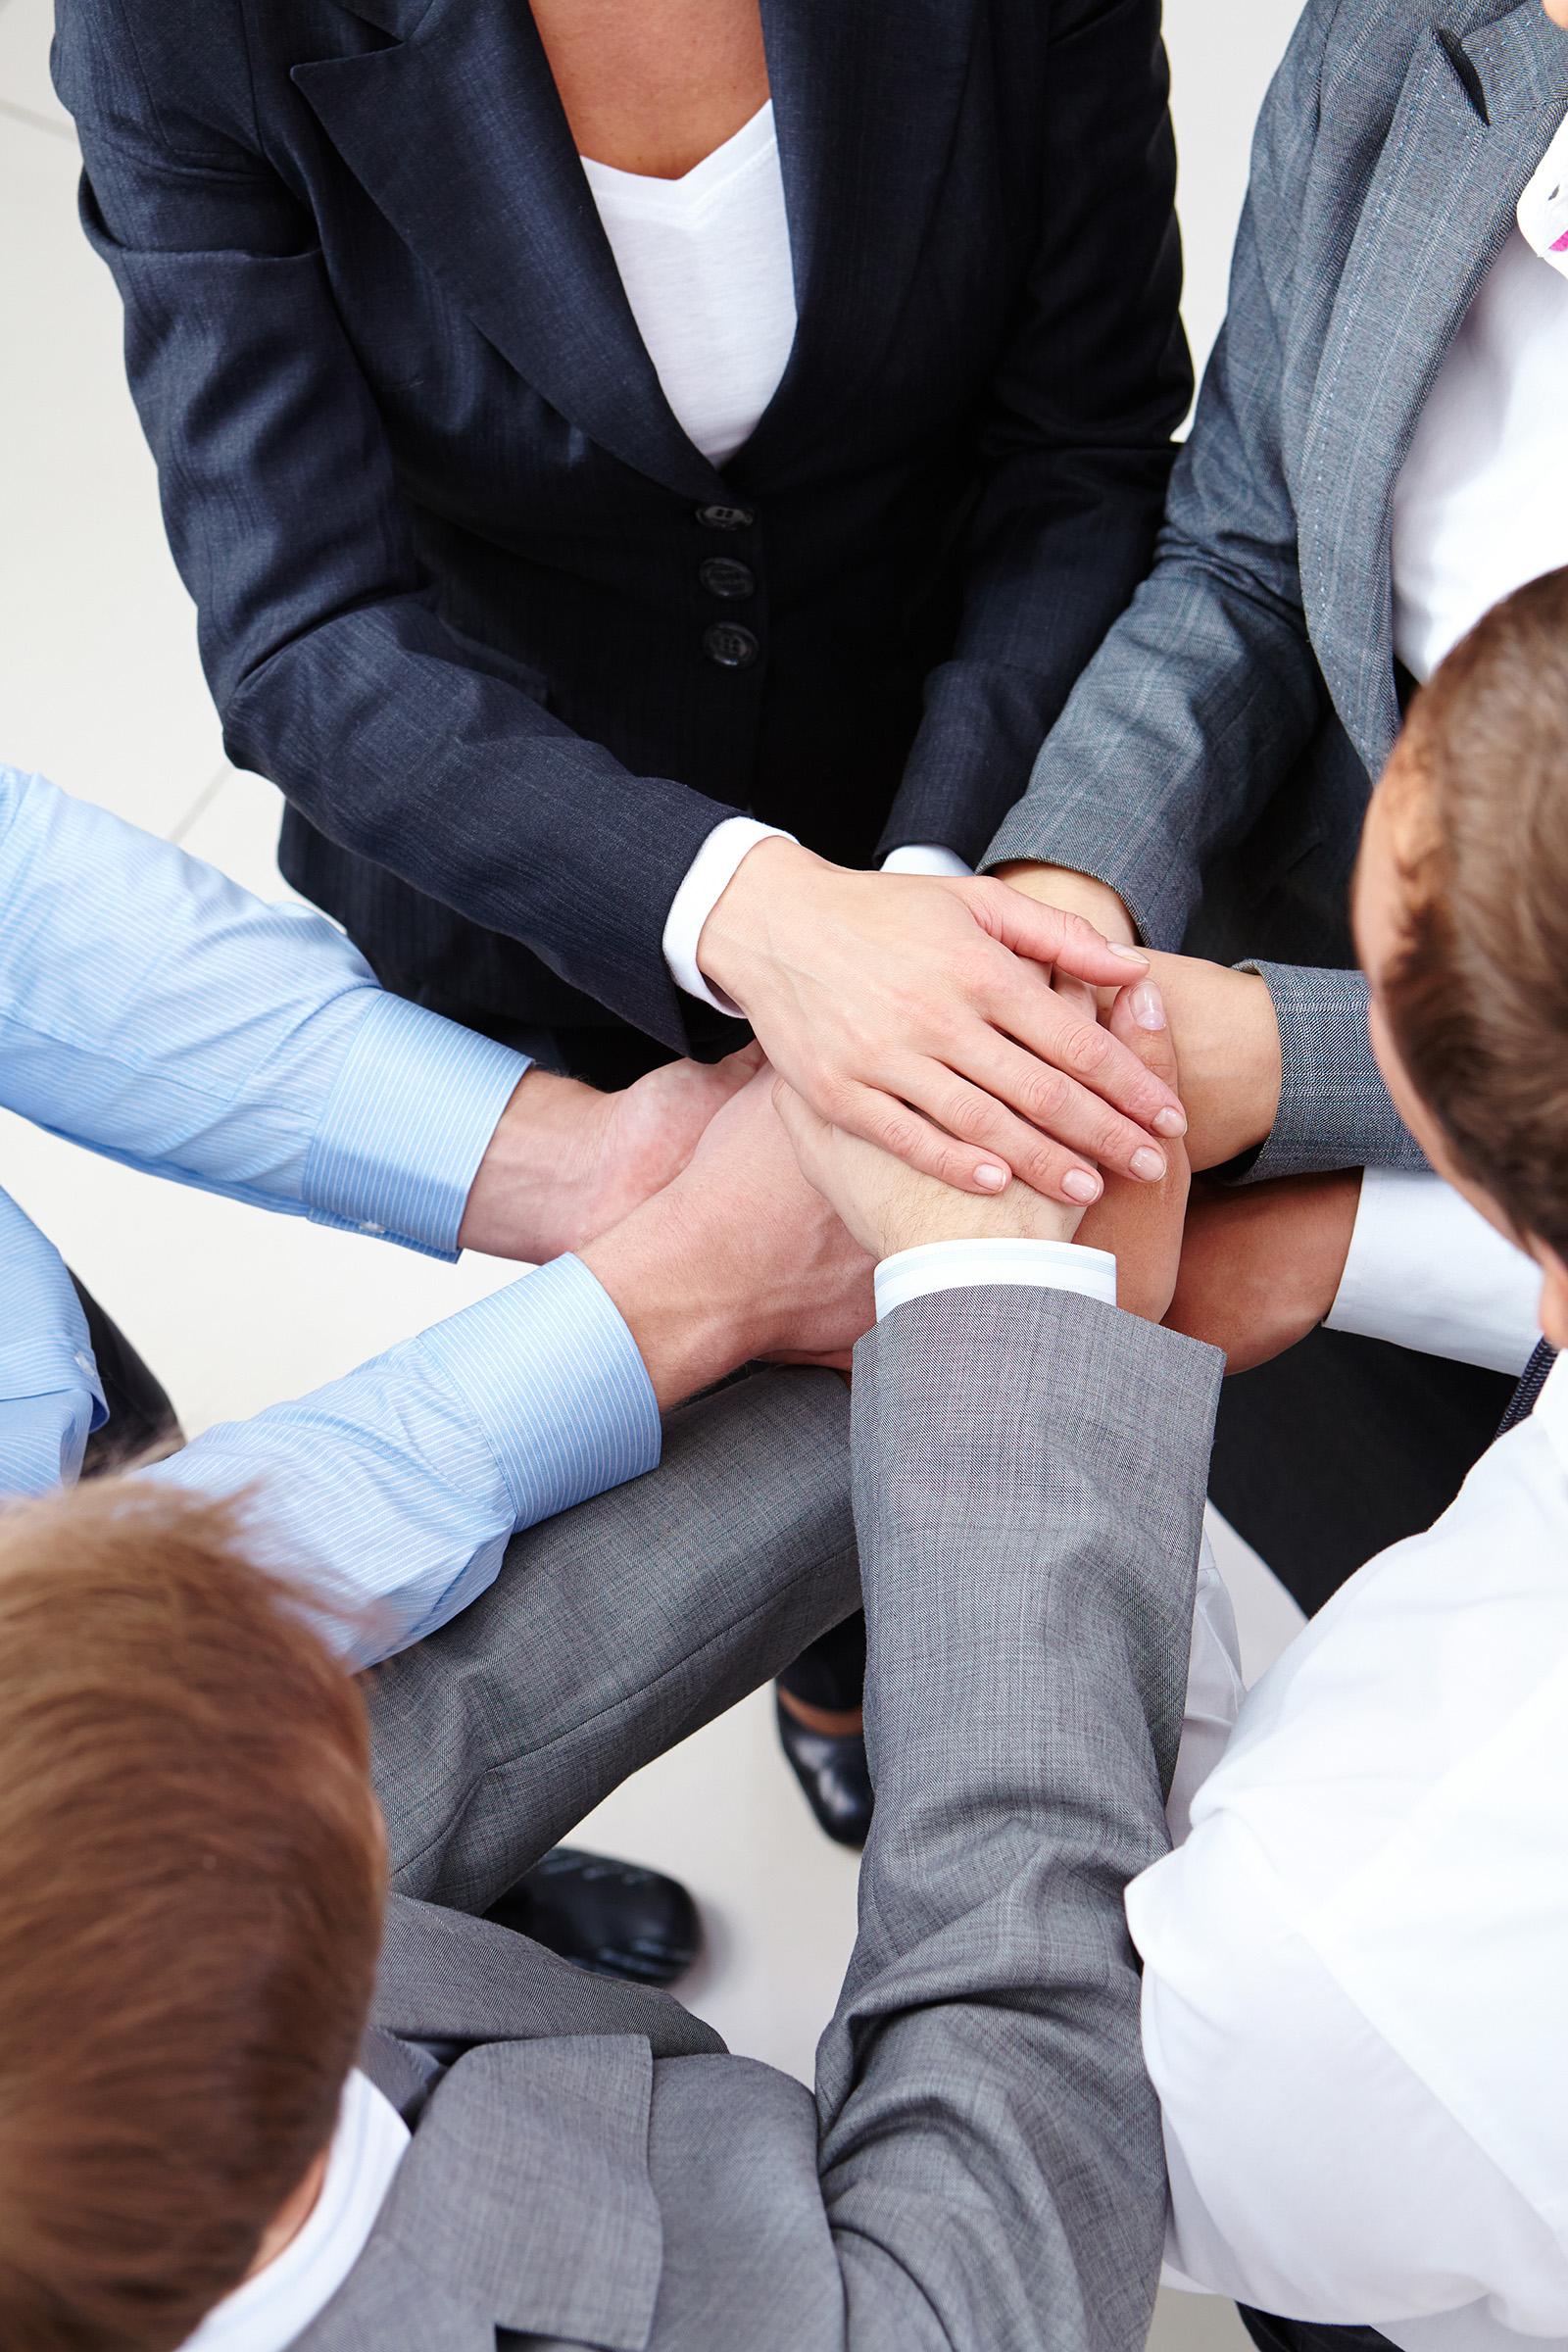 Imagem de cima para baixo de várias pessoas formando um círculo e esticando um dos braços ao centro, sobrepondo-se aos outros braços. Há mulheres e homens.